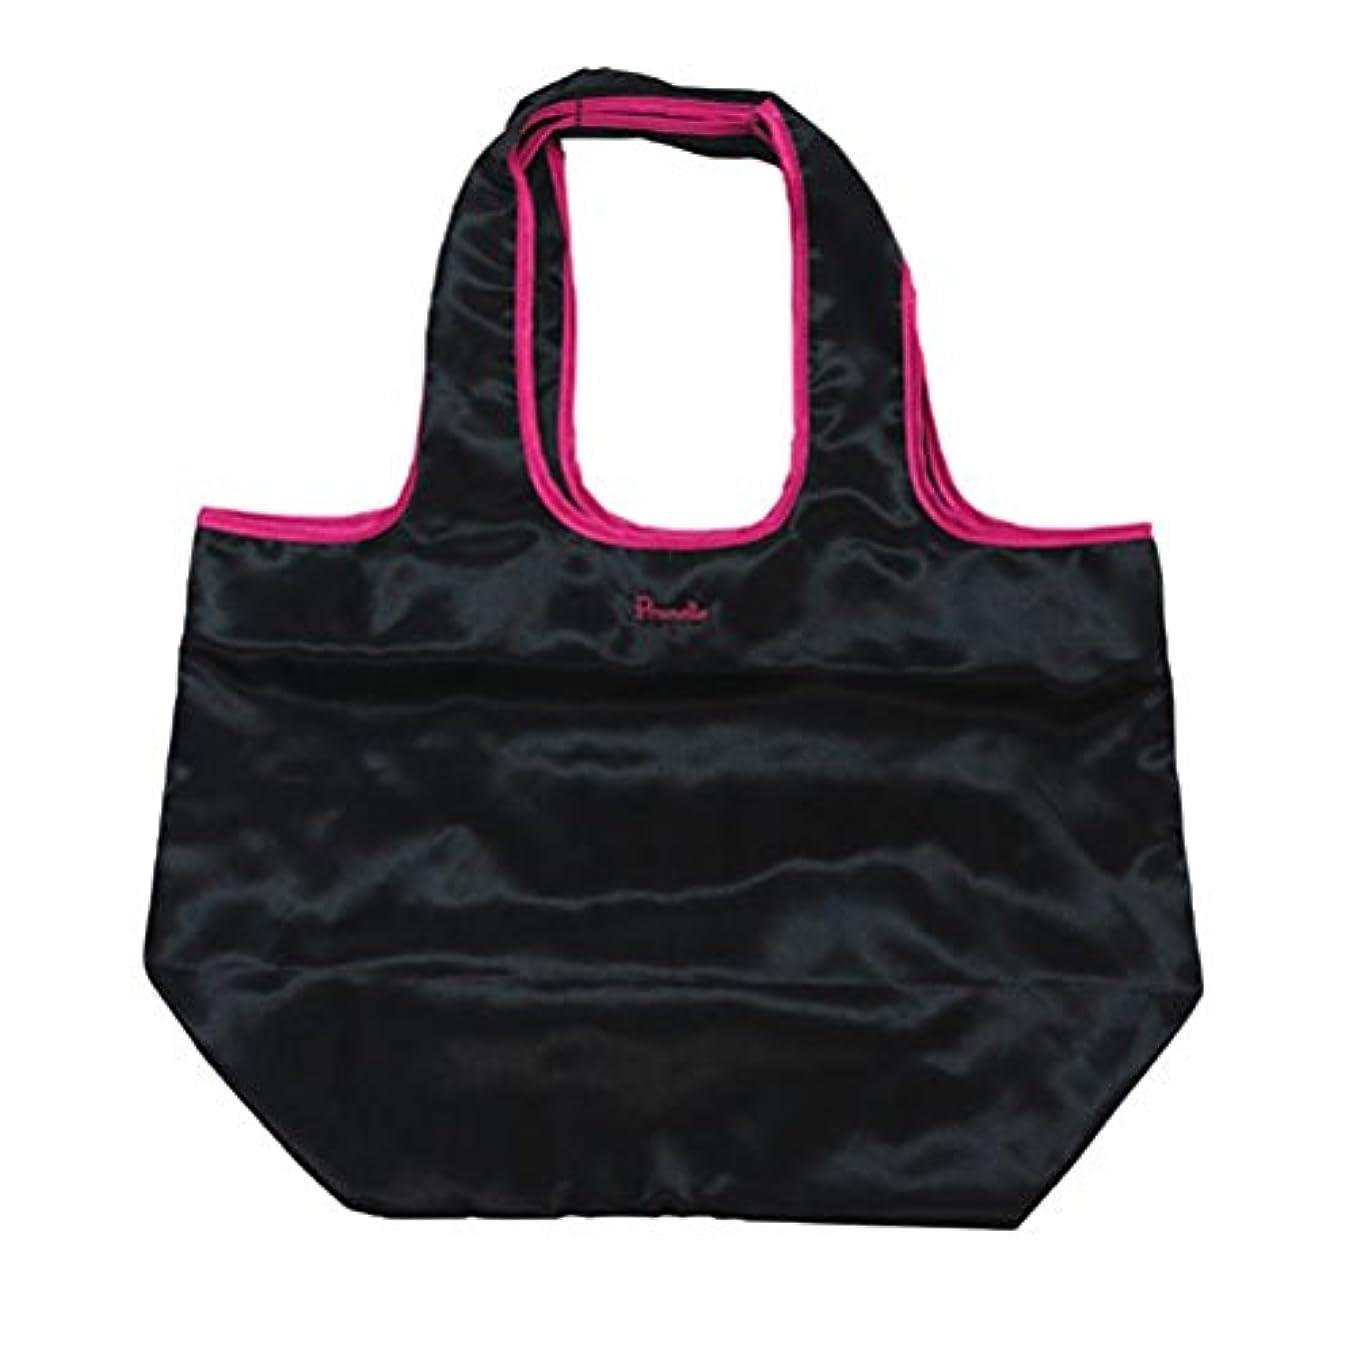 励起キャラクターもっともらしいPrunelle ネイリスト軽量バッグ